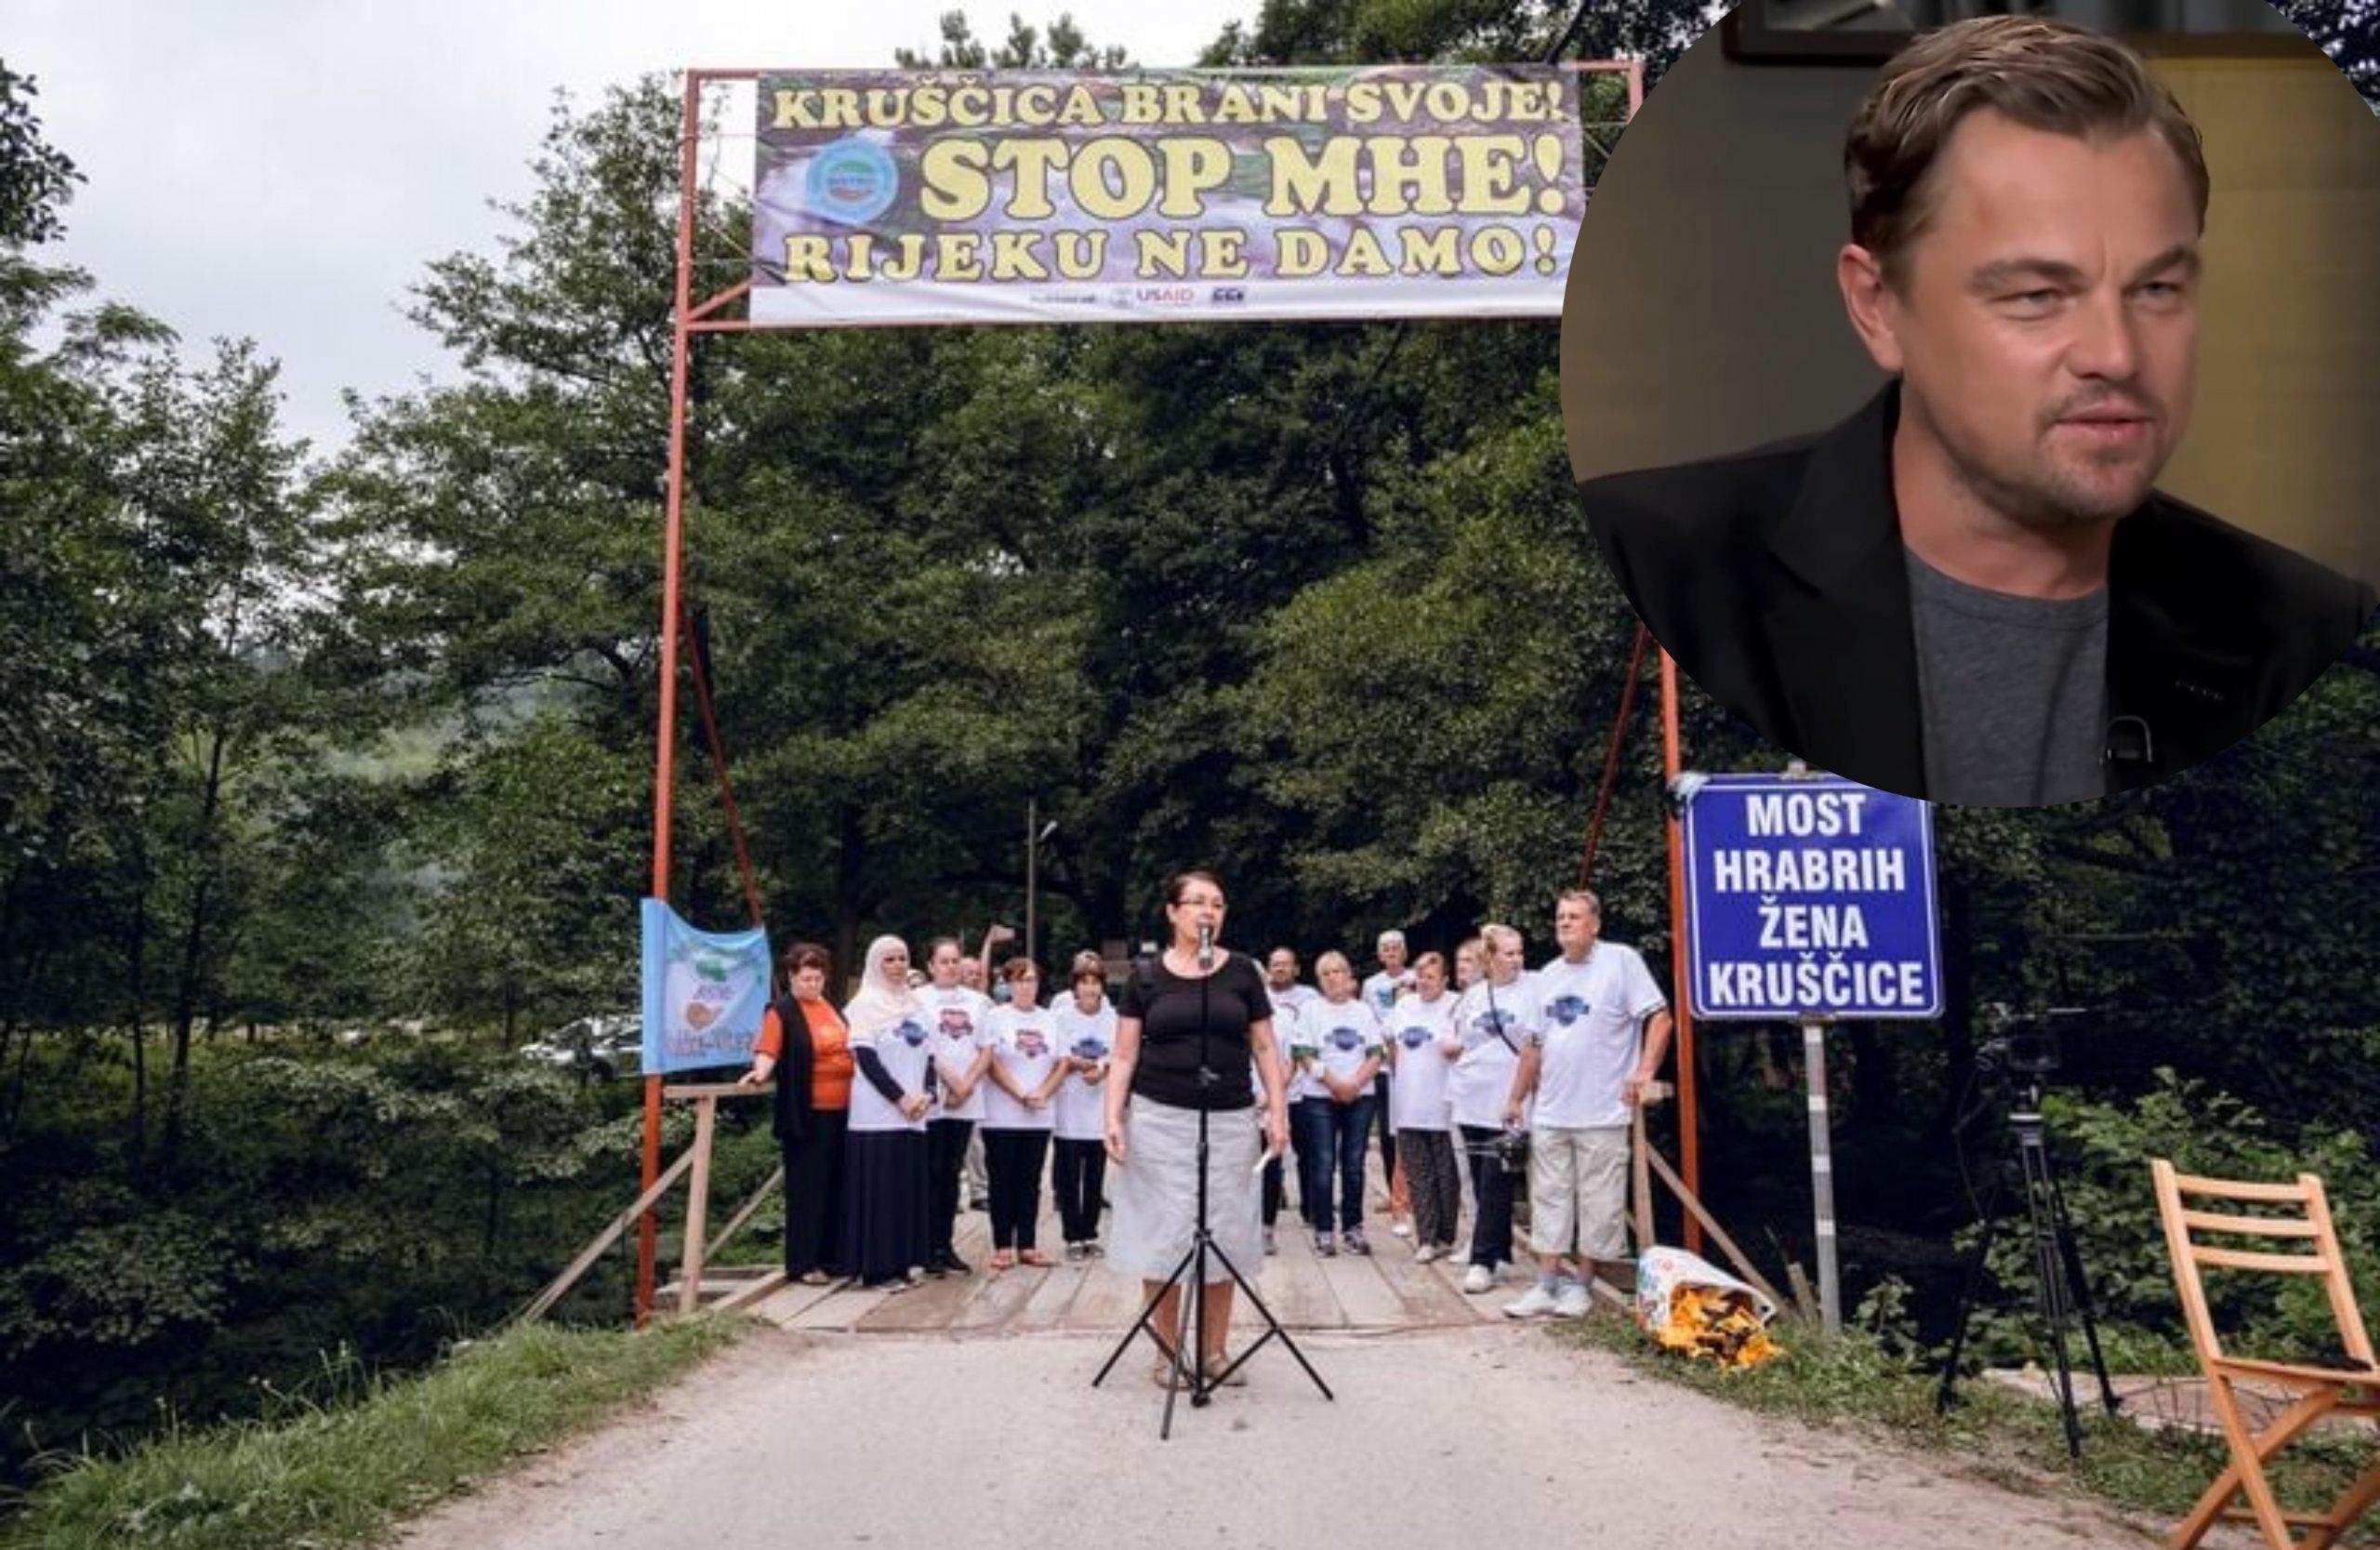 DiCaprio dao podršku aktivisticama iz BiH koje su uspjele spriječiti izgradnju mini-hidroelektrana